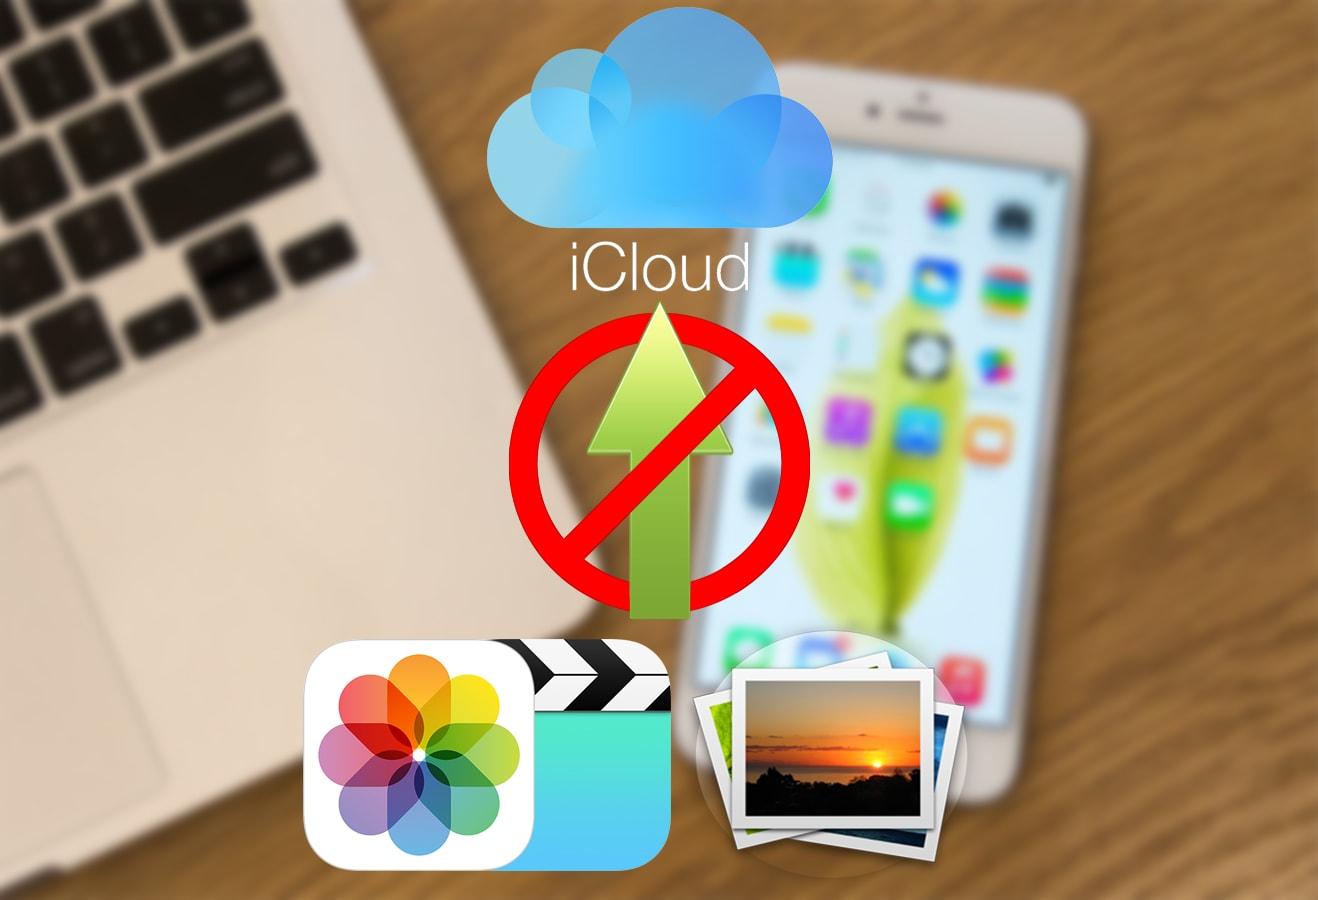 كيفية تعطيل رفع الصور تلقائياً الى الايكلاود iCloud